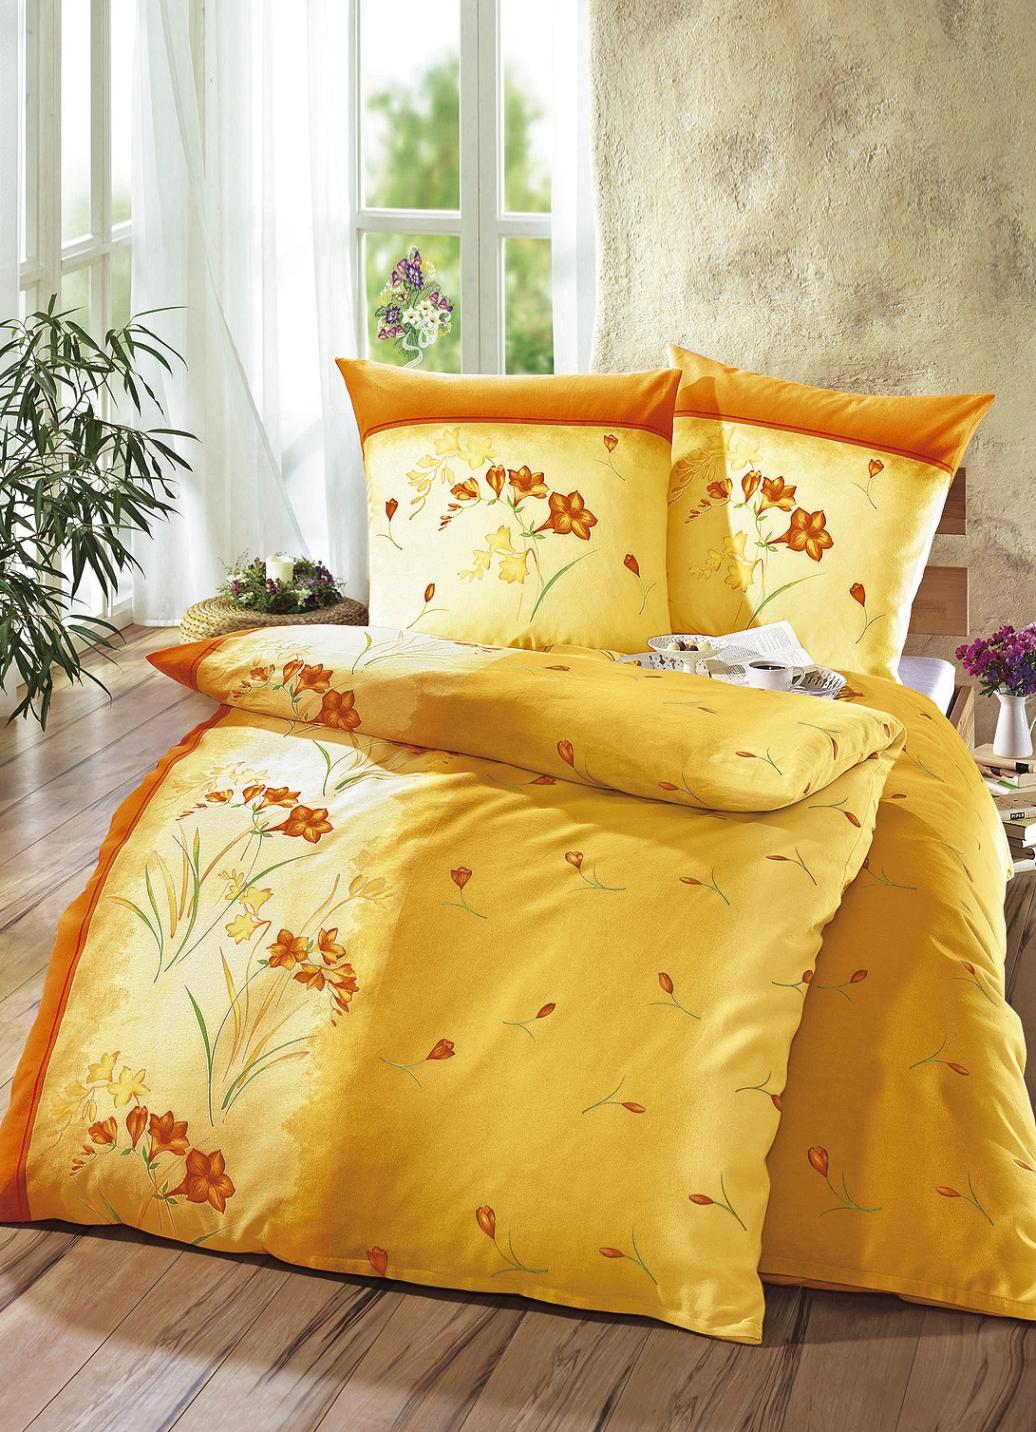 dobnig bettw sche garnitur in verschiedenen qualit ten. Black Bedroom Furniture Sets. Home Design Ideas